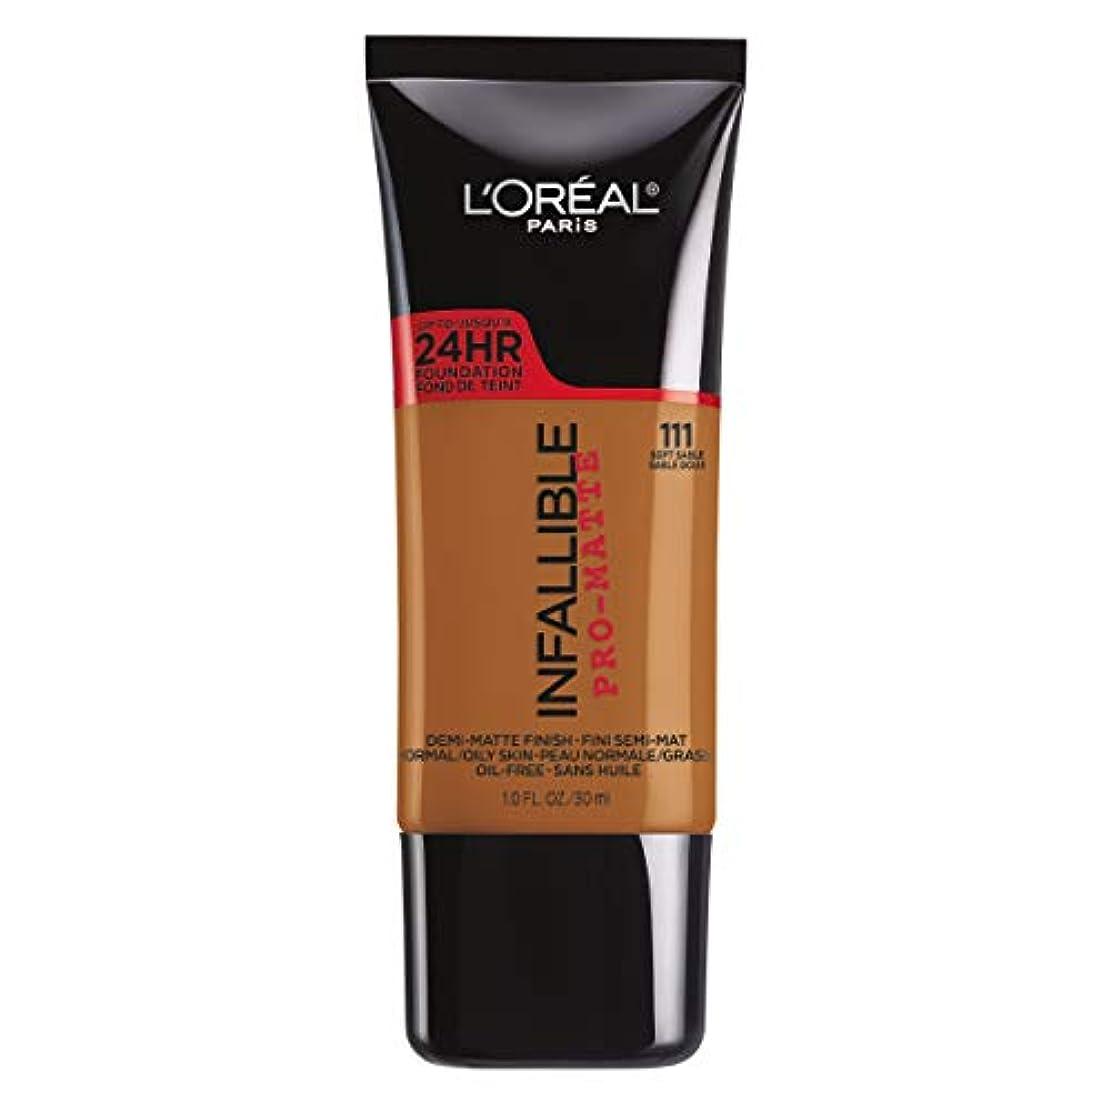 パン荒らす死の顎L'Oreal Paris Infallible Pro-Matte Foundation Makeup, 111 Soft Sable, 1 fl. oz[並行輸入品]